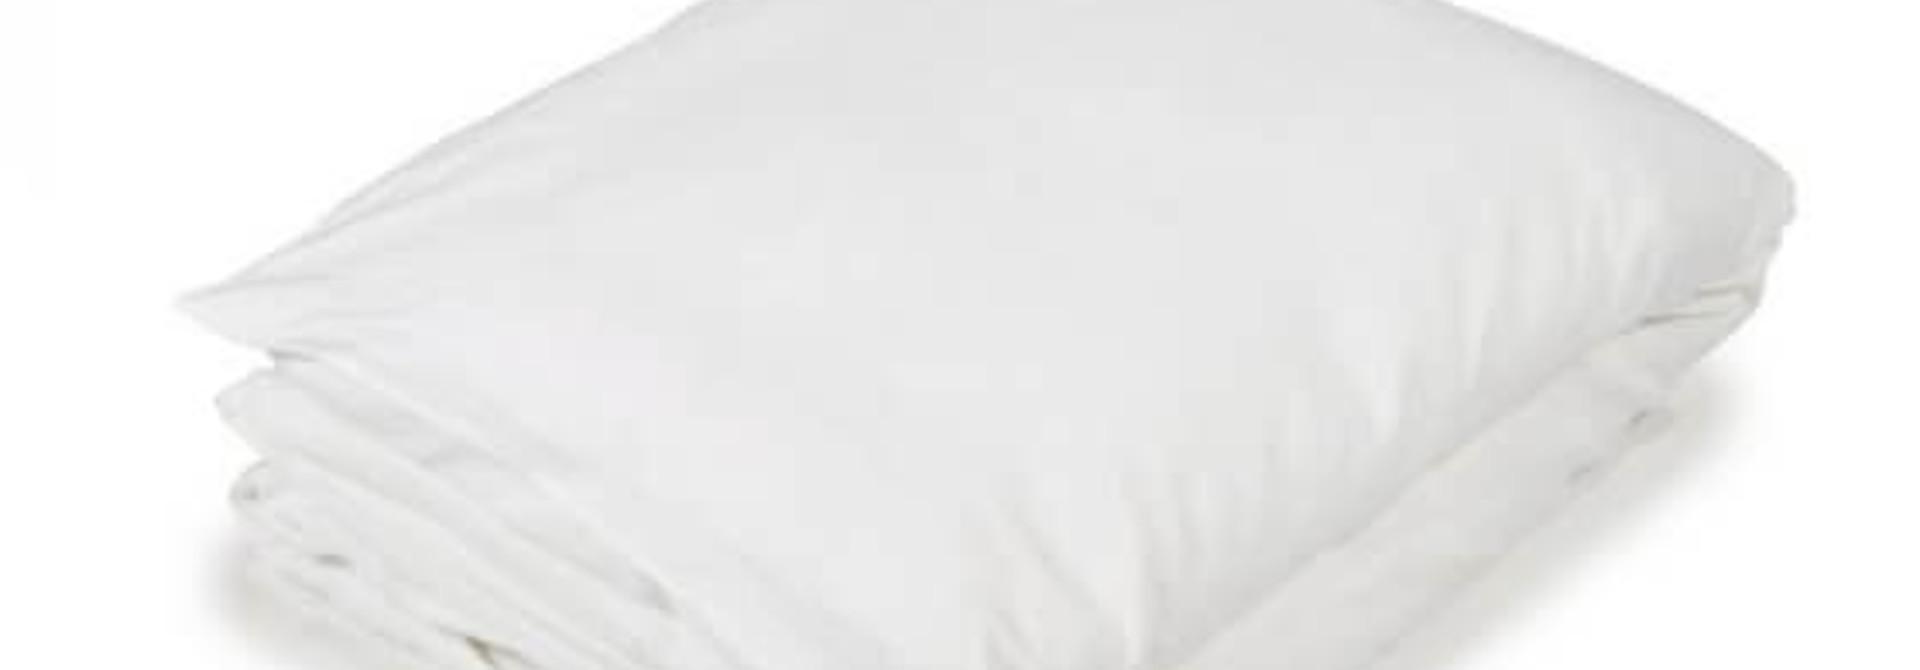 Duvet Cover - Madison - White - King